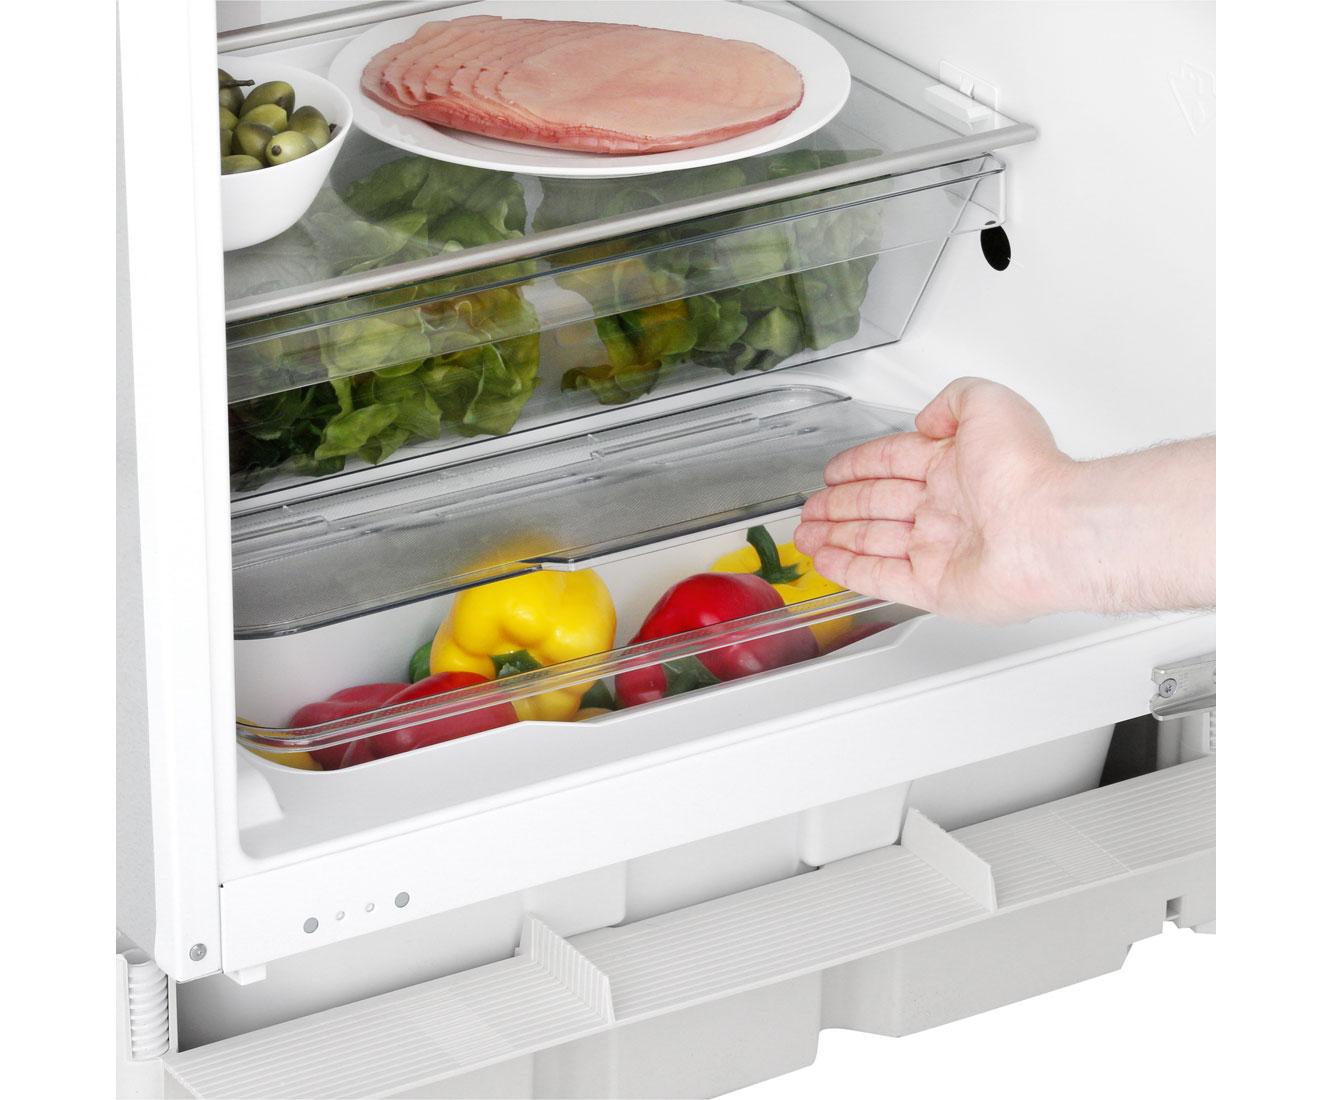 Siemens Kühlschrank Wie Lange Stehen Lassen : Siemens iq ku ra unterbau kühlschrank er nische festtür